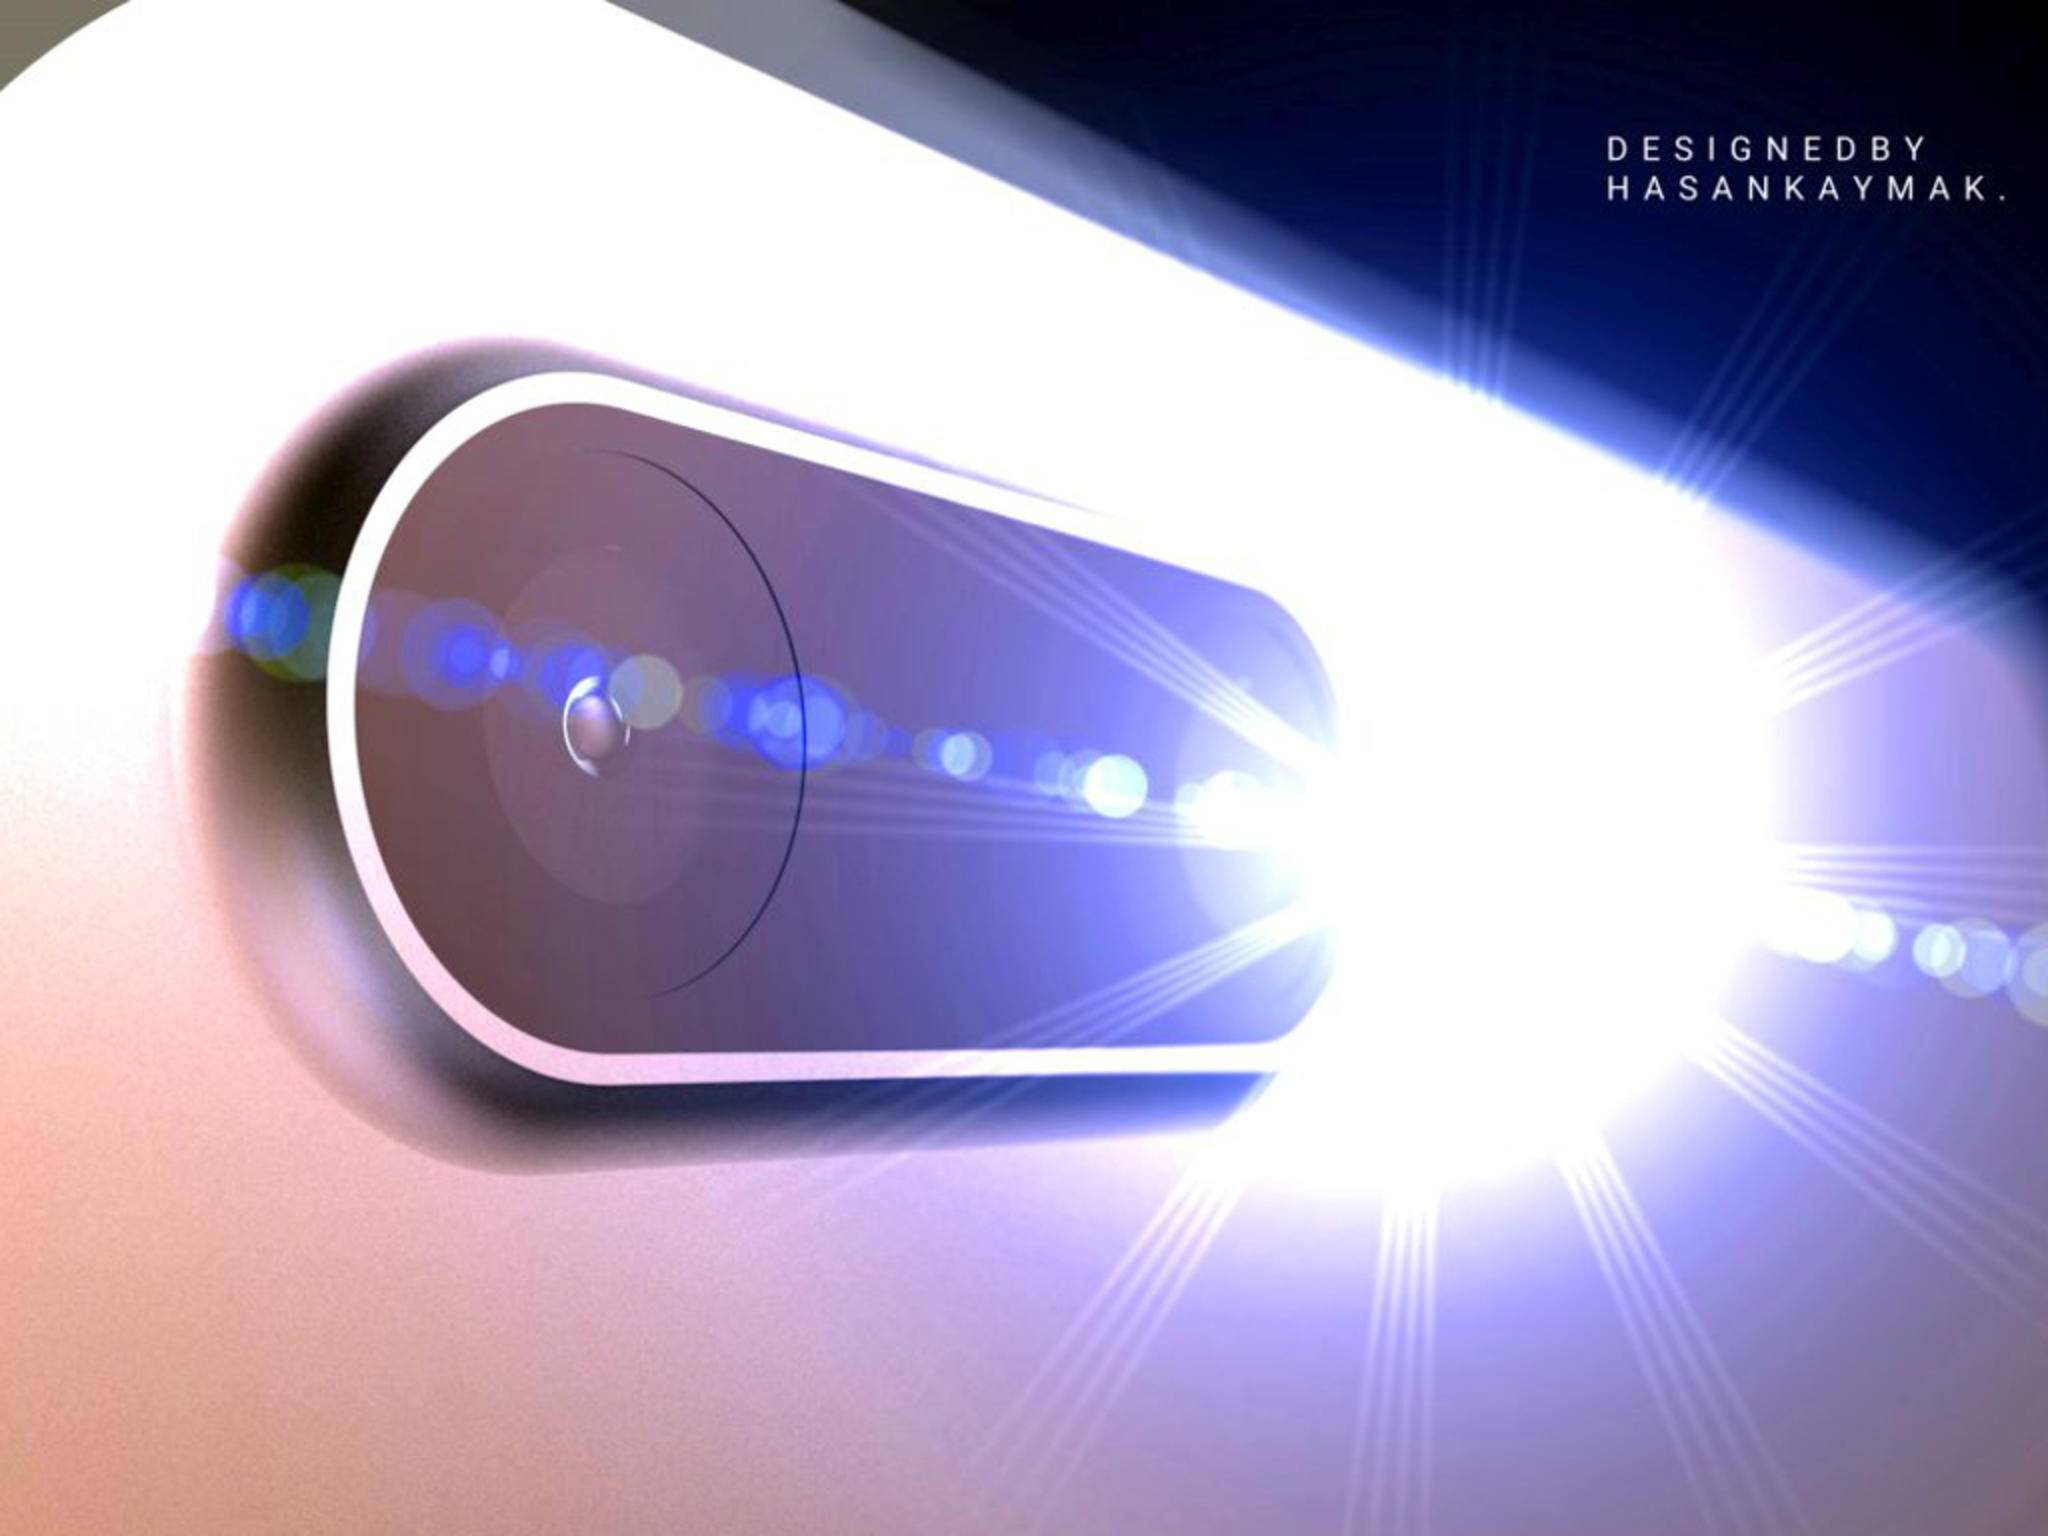 Trotz Dual-Kamera: Analyst Kuo glaubt, dass das iPhone 7 floppen wird.